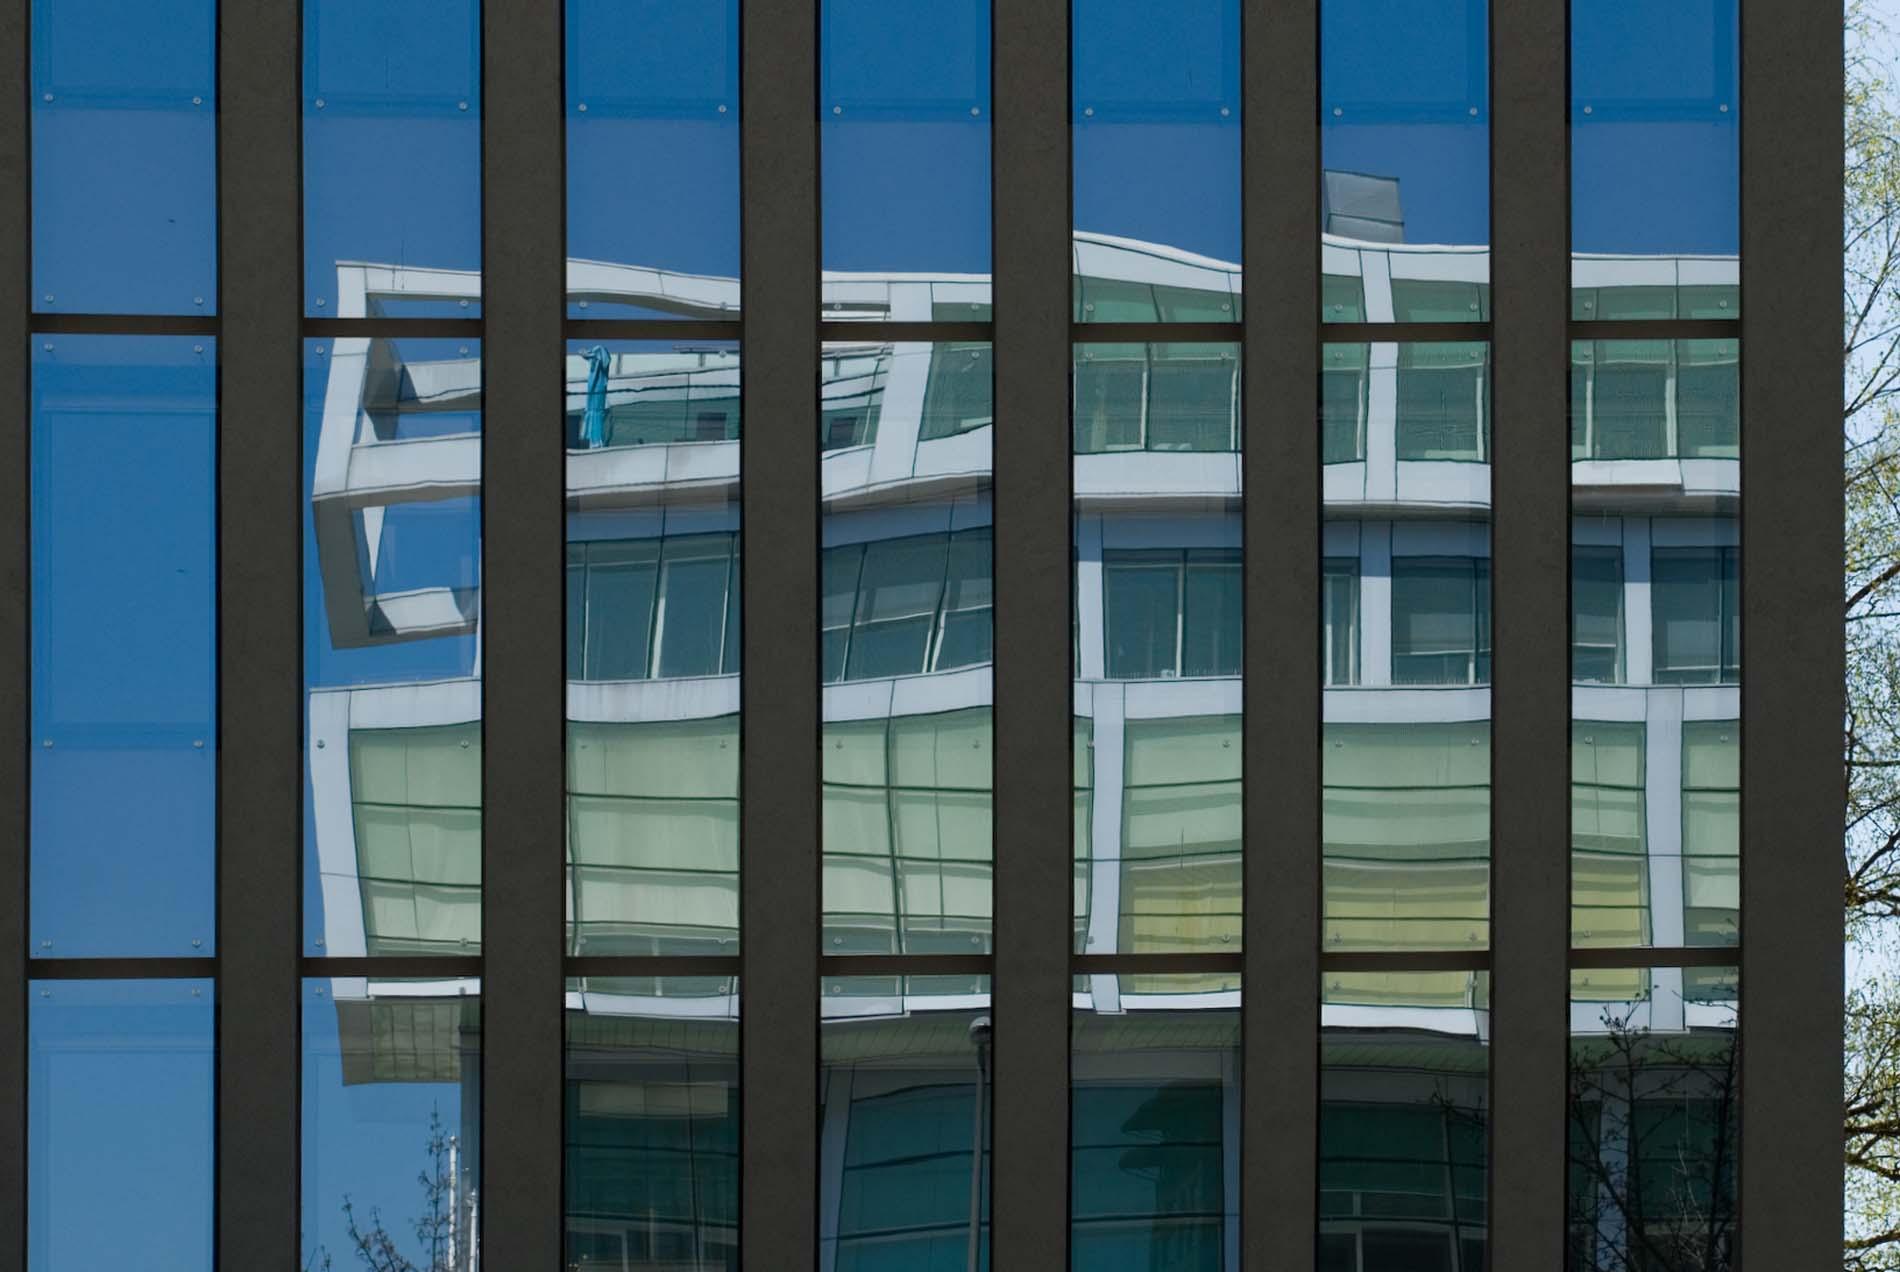 """Gespiegelt. Das bereits erwähnte wichtige slowenische Büro Sadar in Vuga arhitekti (auch Sadar+Vuga) hat das 1999 fertiggestellte Handelskammergebäude als """"Megastore"""" mit übereinandergestapelten Kisten konzipiert."""